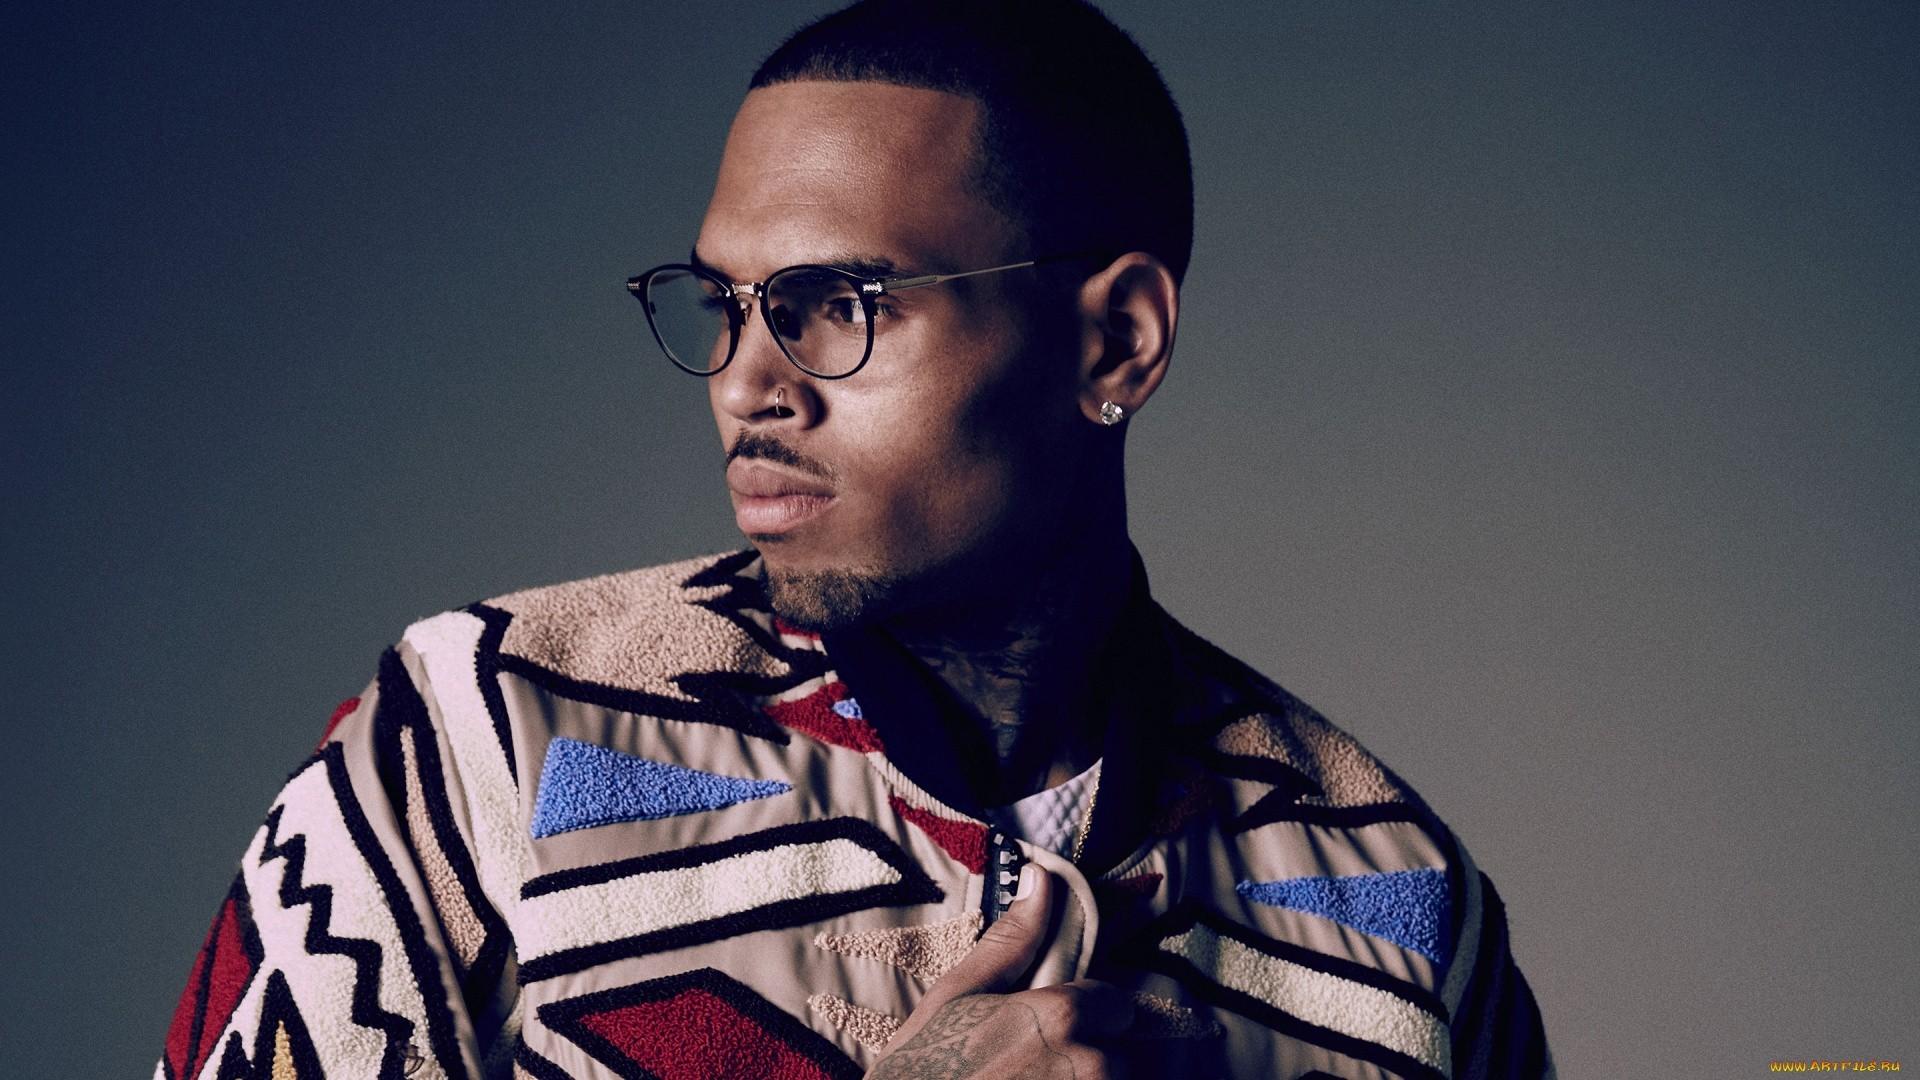 Chris Brown a wallpaper